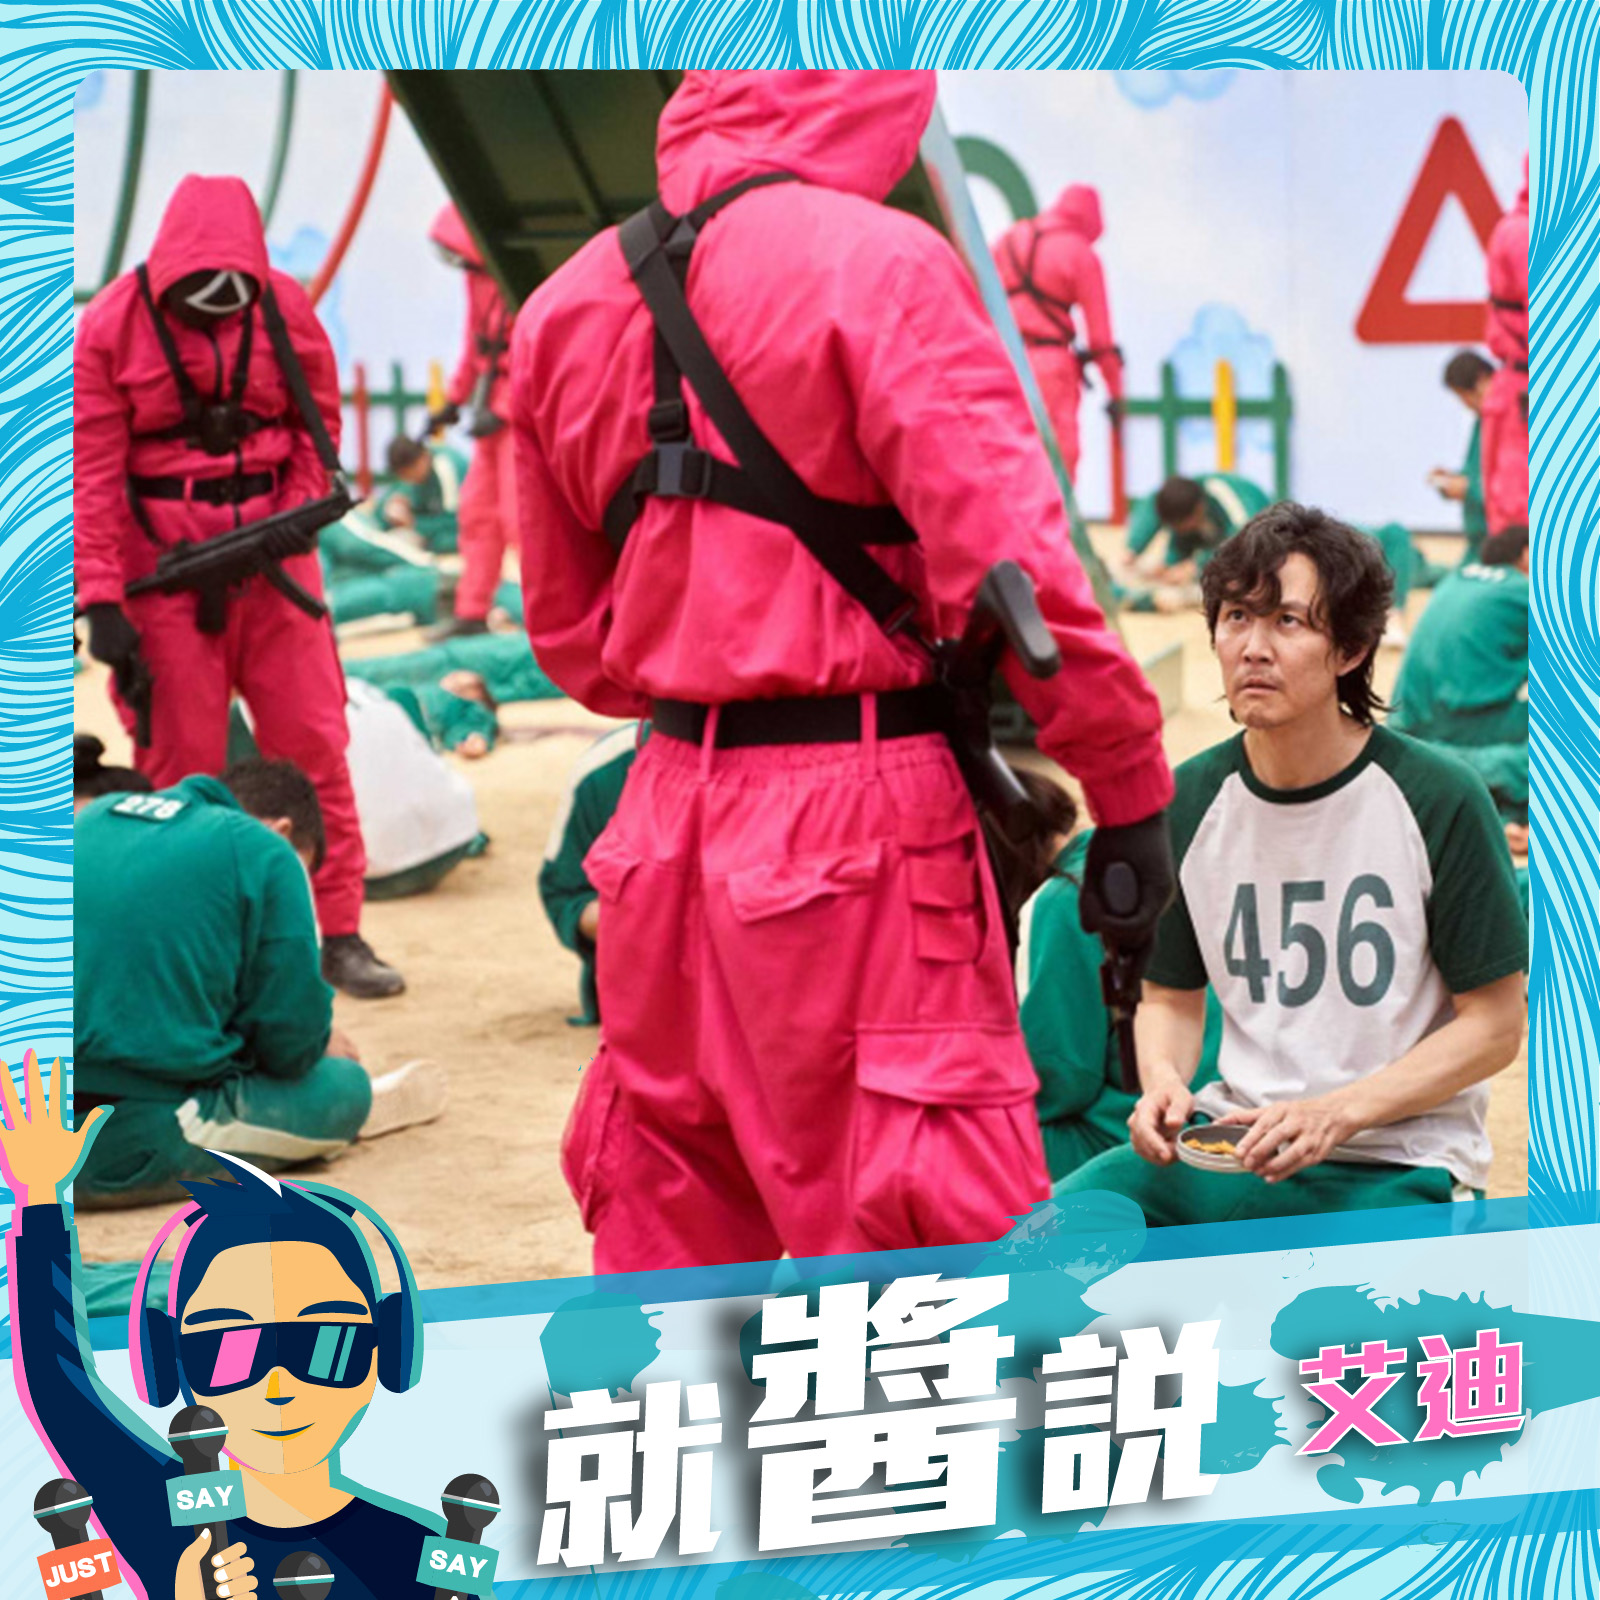 EP.240|《魷魚遊戲》第二季計畫 各種秘密彩蛋揭陋無疑【Squid Game】